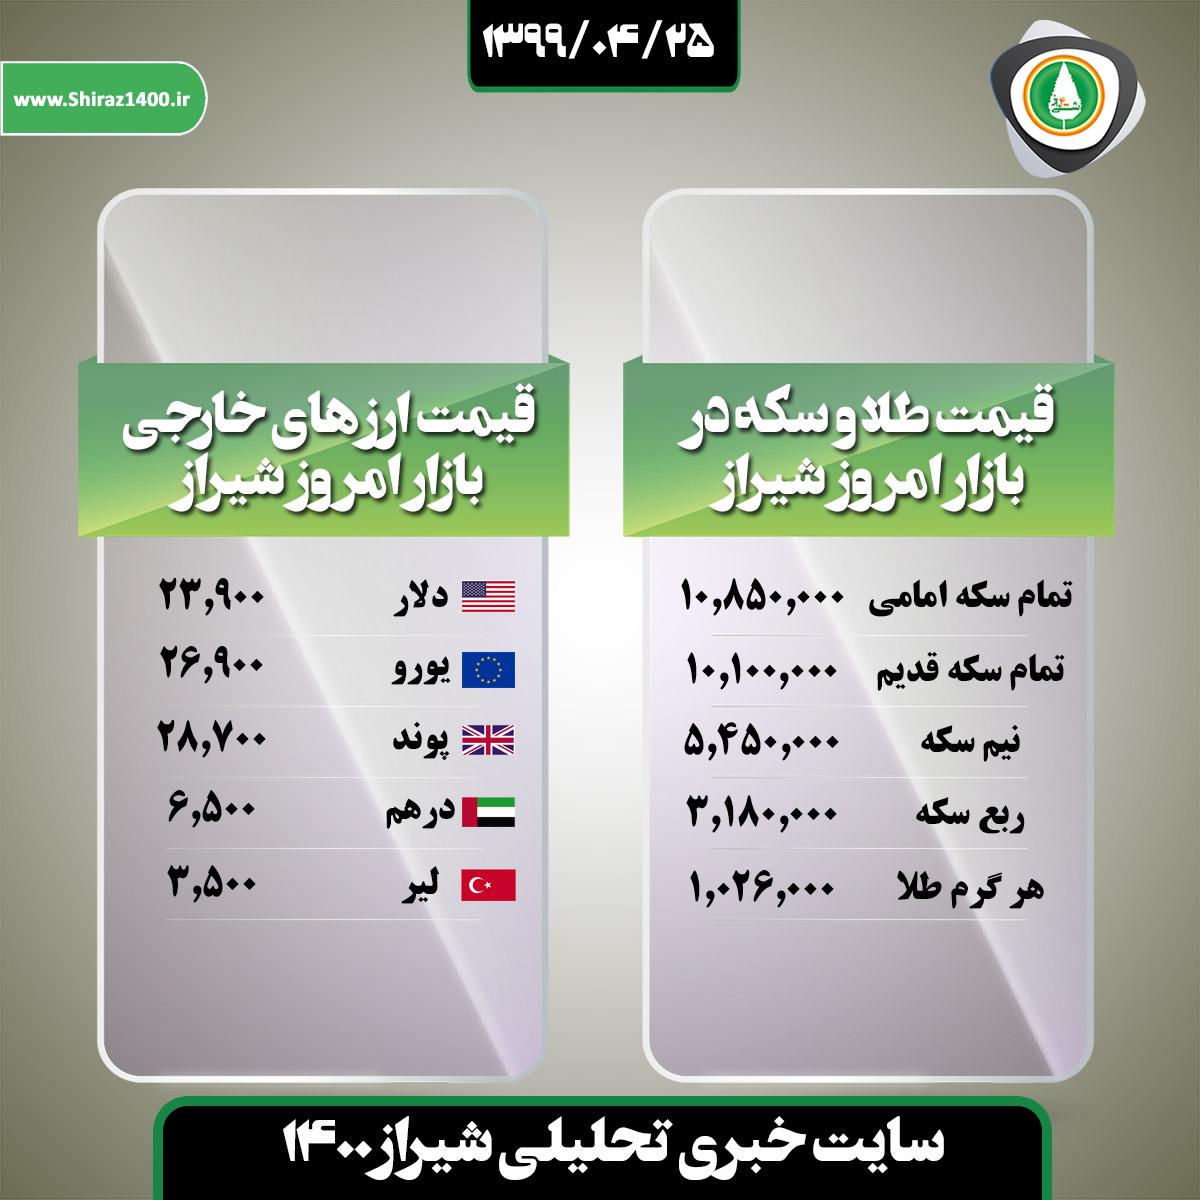 قیمت طلا و ارز در بازار امروز شیراز / ۲۵ تیر ۹۹